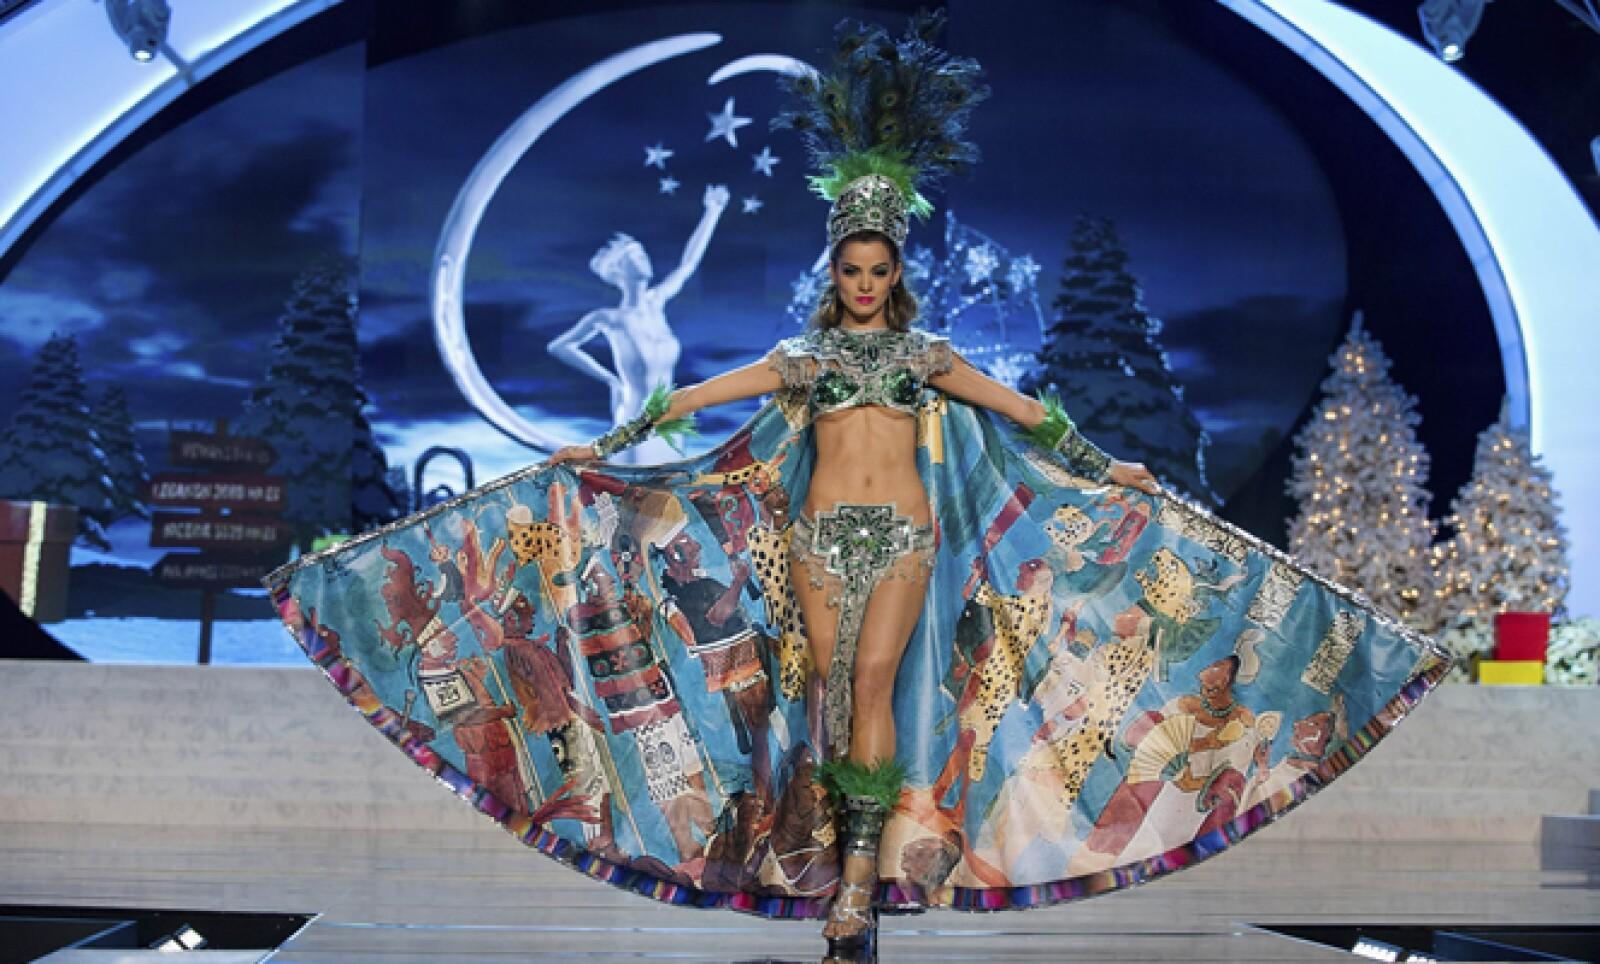 La belleza latina siempre está presente. Miss Guatemala, Laura Godoy, en la pasarela.